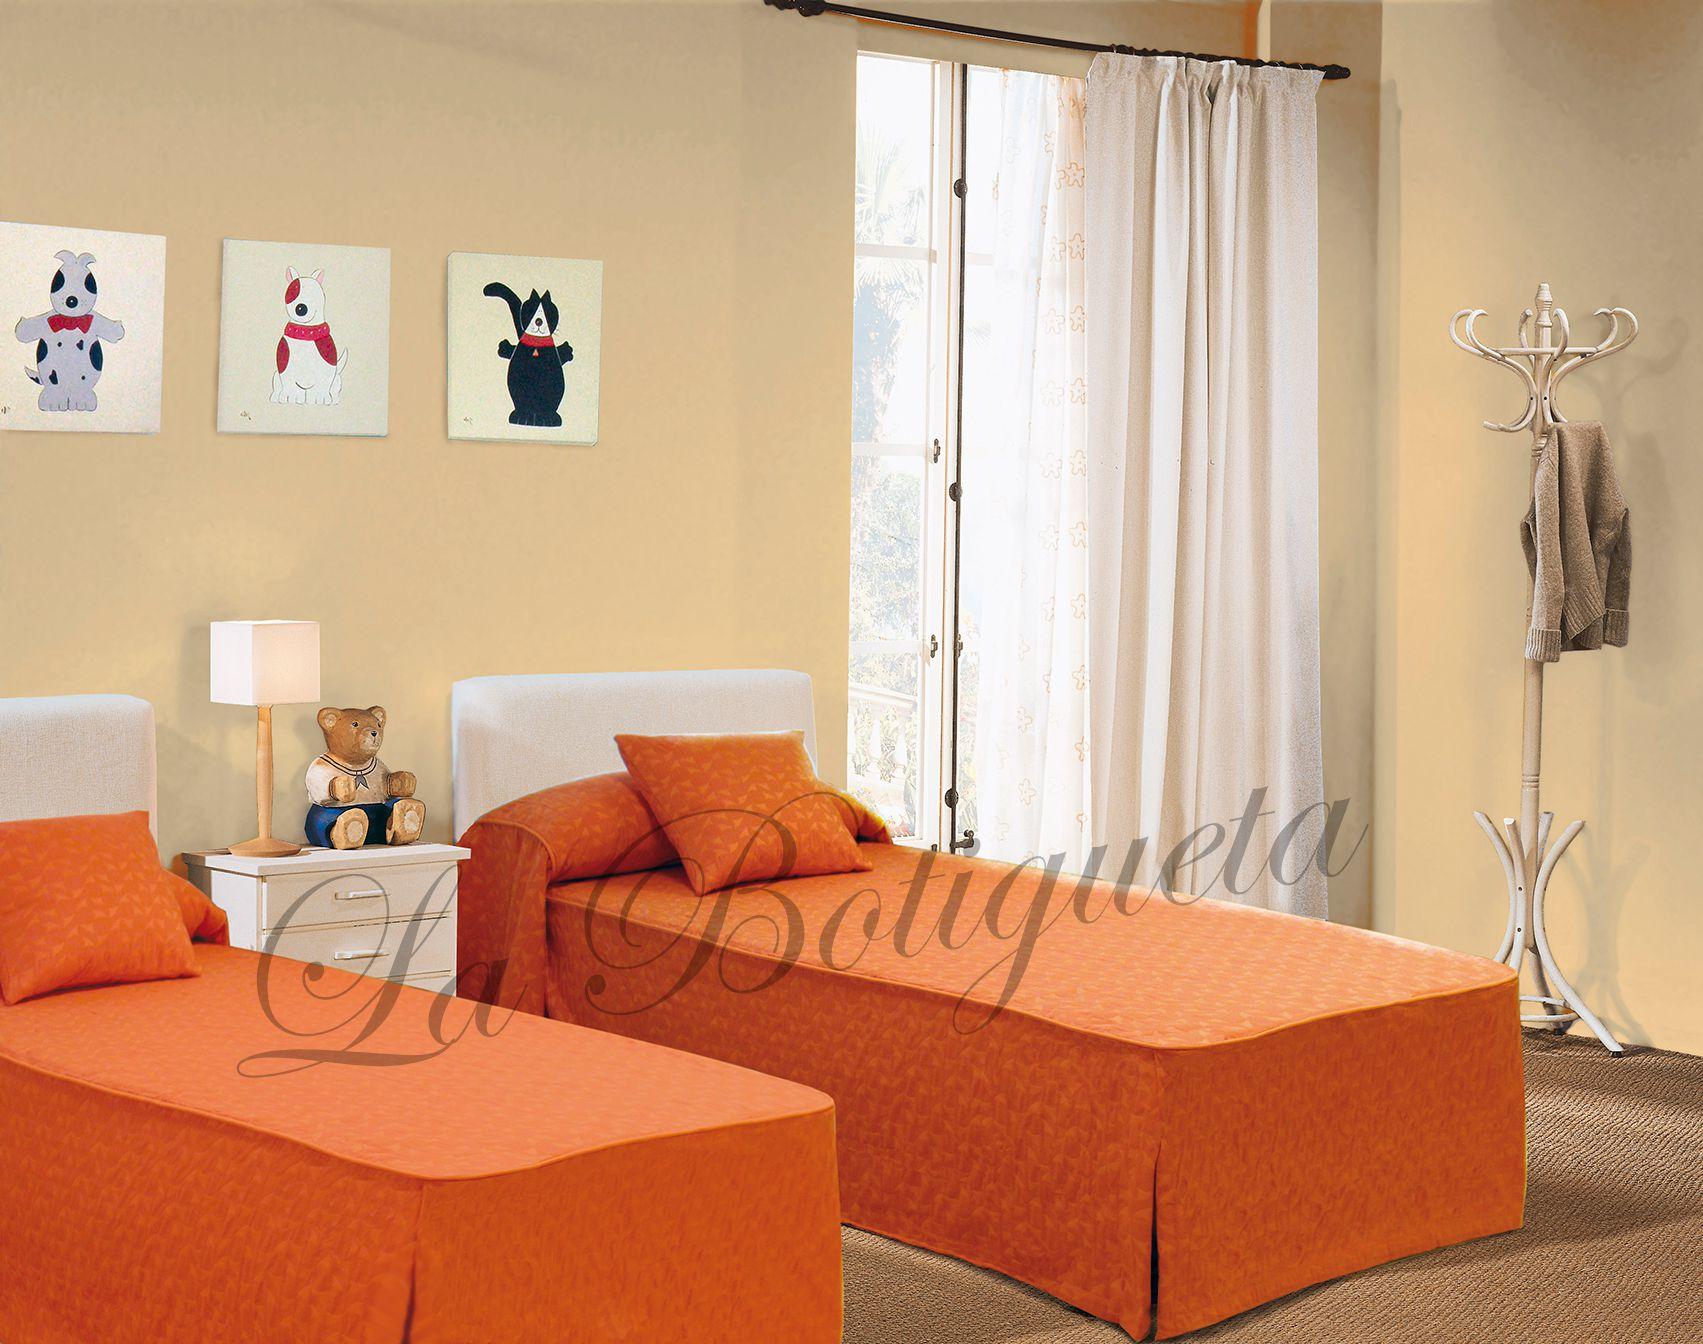 Estores y cortinas para habitaciones juveniles modernas y - Cortinas para habitacion juvenil ...